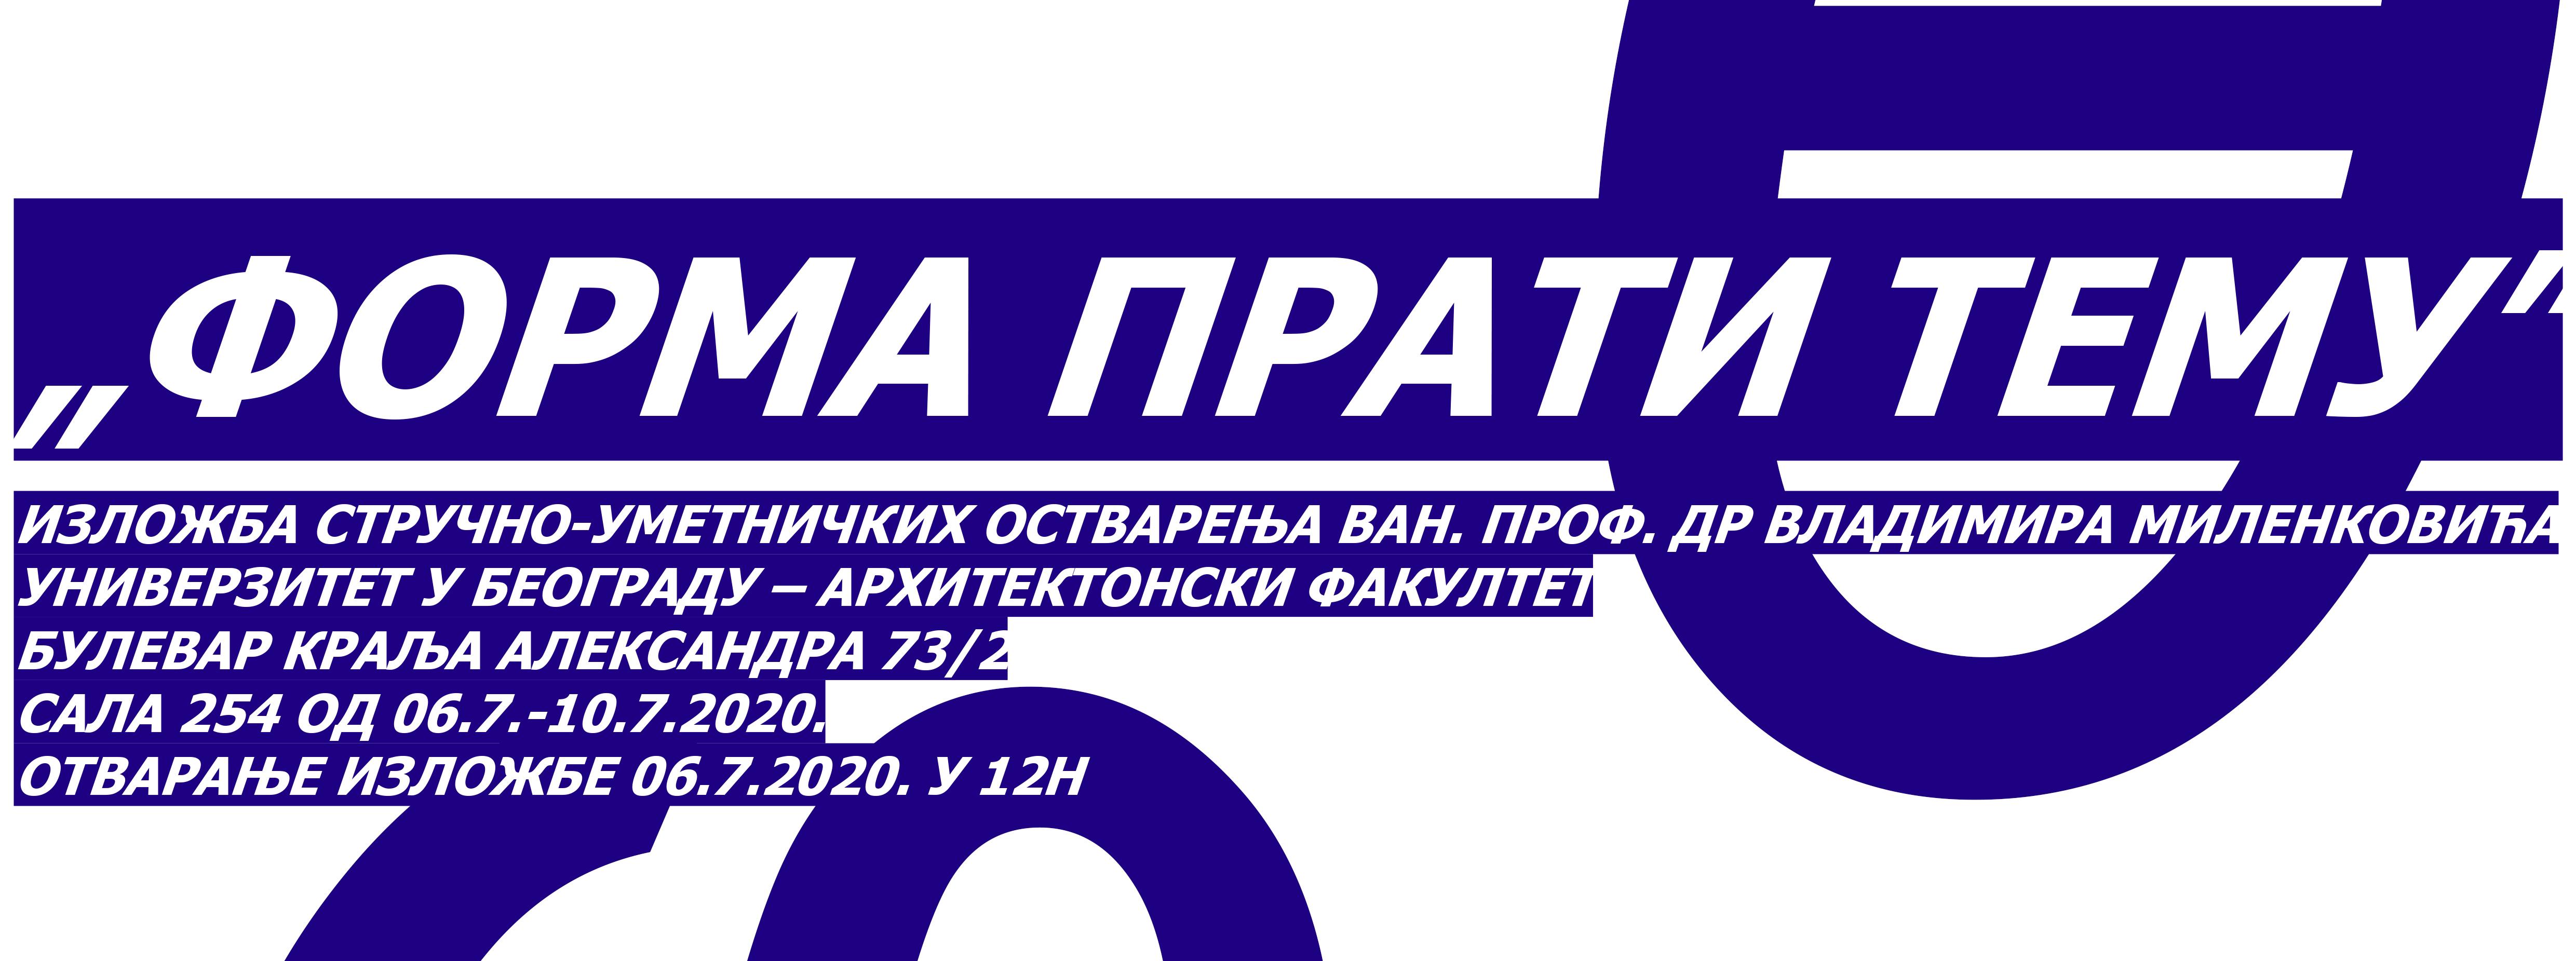 pozivnica 2020